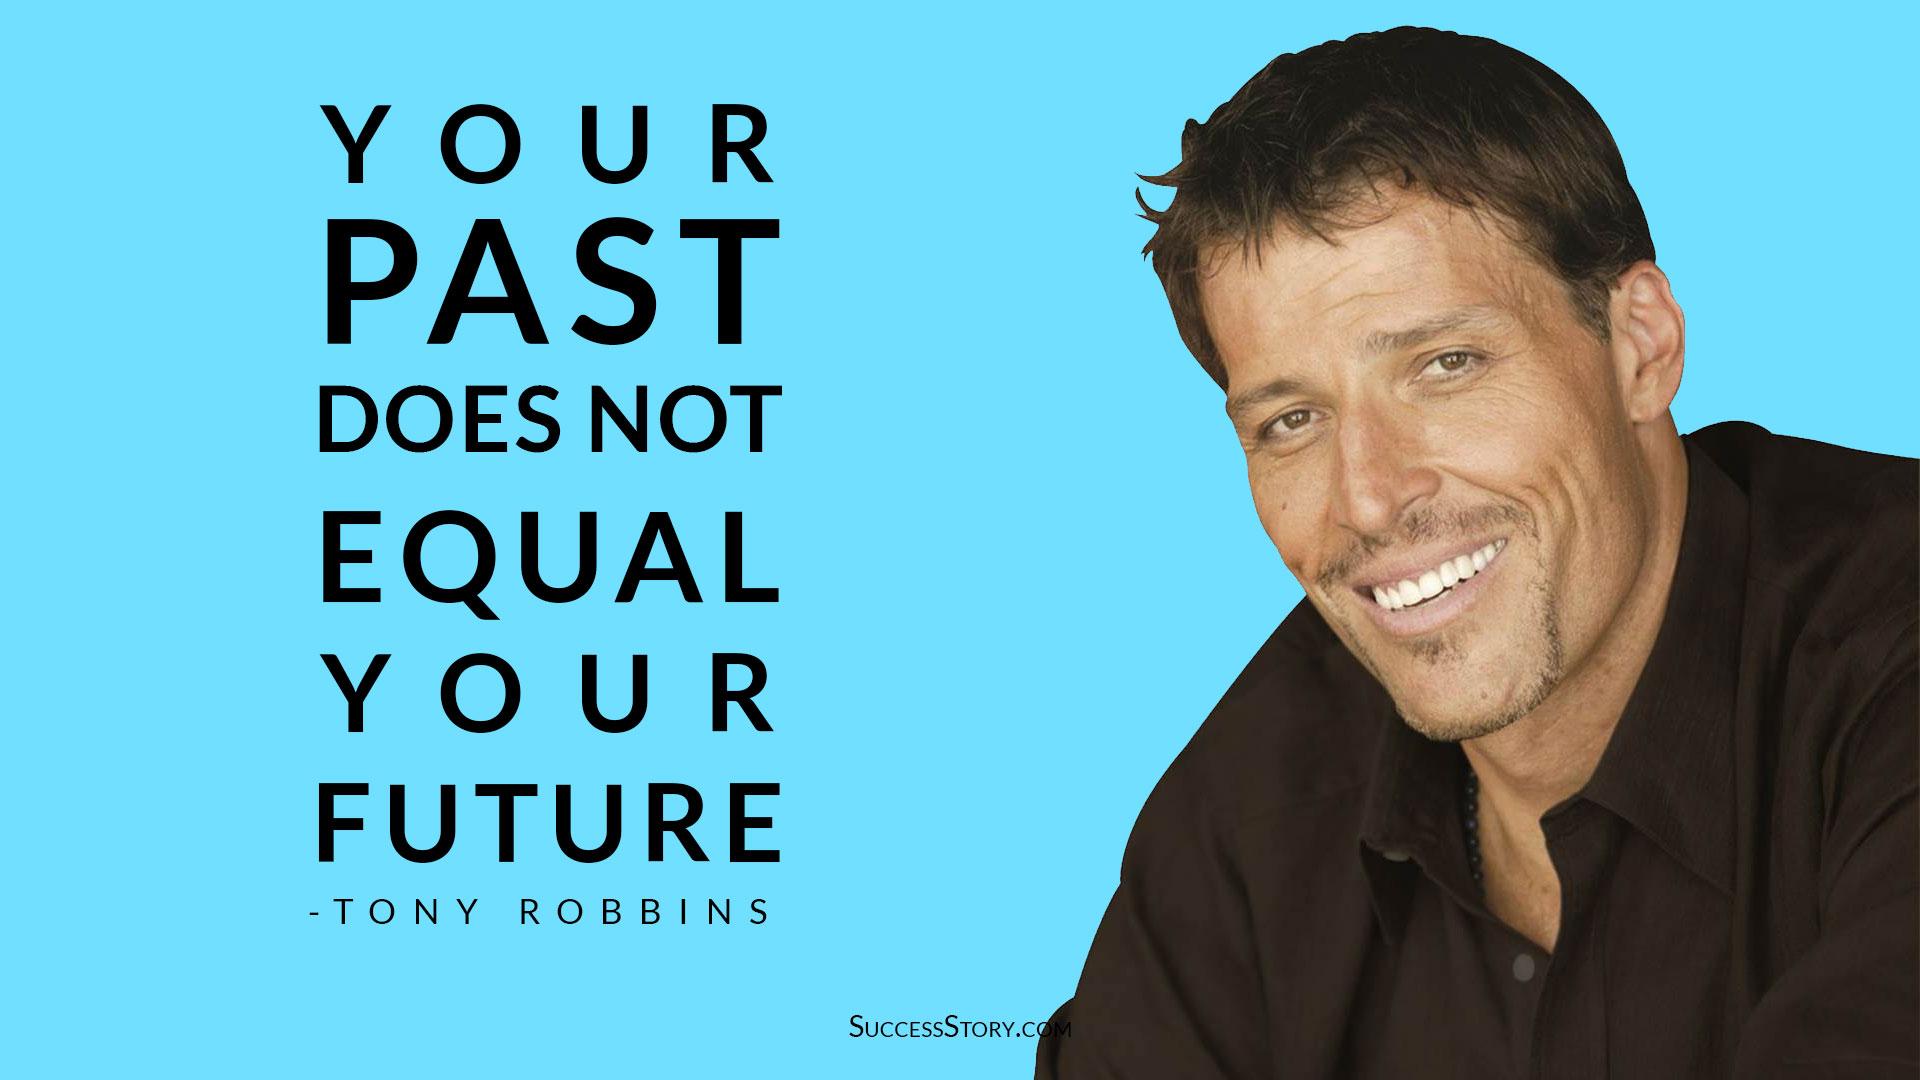 Tony Robbins Quotes on Future